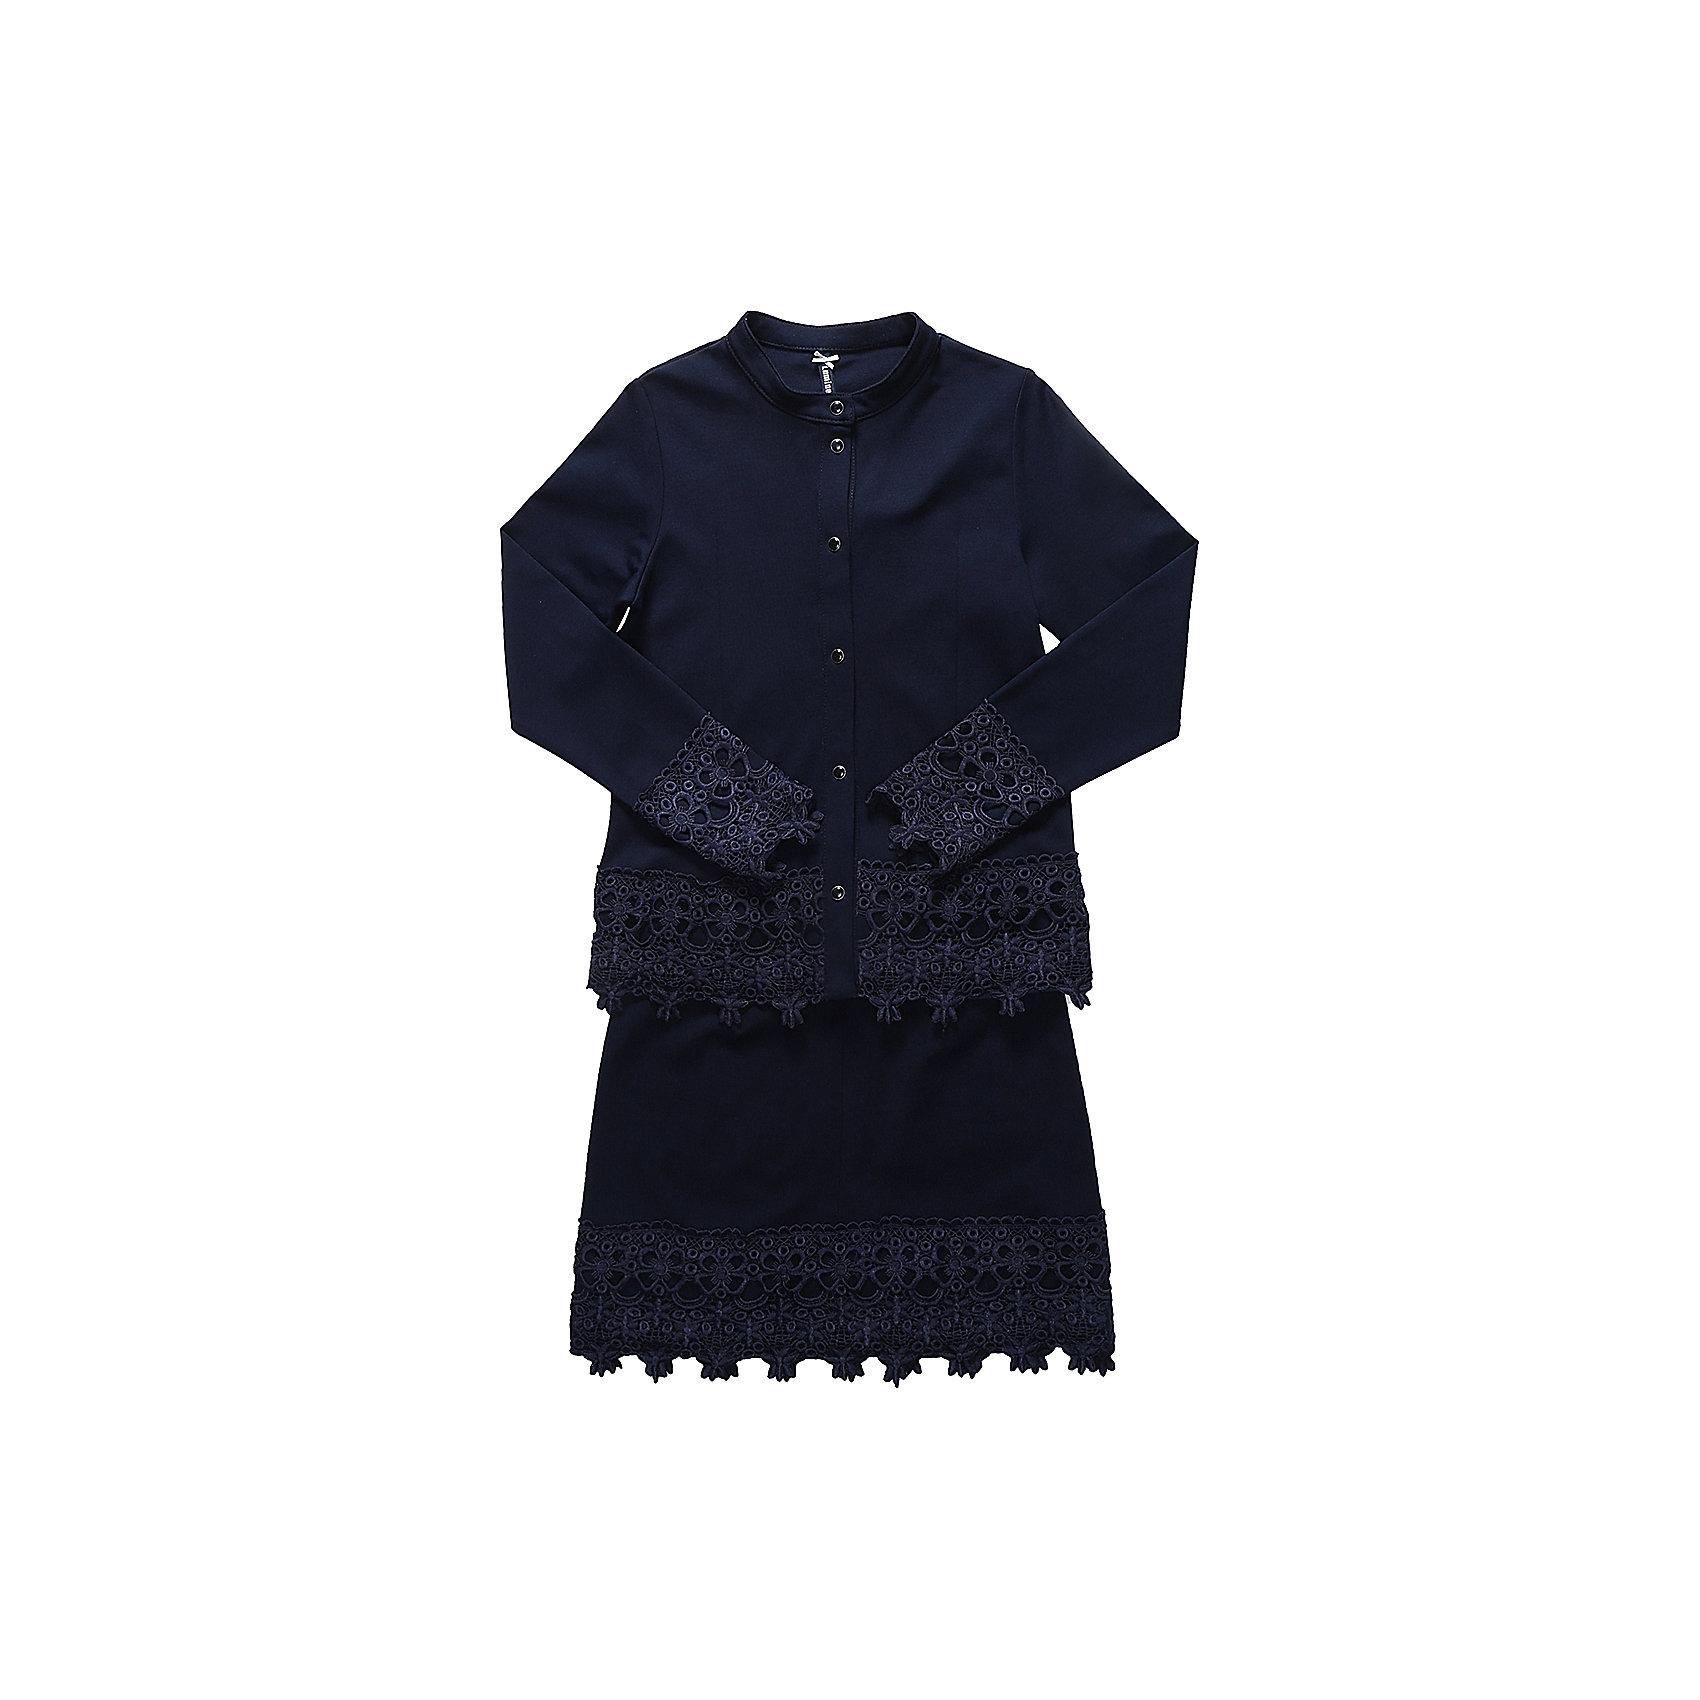 Комплект: пиджак и юбка для девочки LuminosoПиджаки и костюмы<br>Характеристики товара:<br><br>• цвет: темно-синий;<br>• состав: 65% хлопок 30% полиэстер 5% эластан;<br>• сезон: демисезон;<br>• особенности: школьный, с кружевом;<br>• застежка: кнопки;<br>• пиджак без подкладки;<br>• эластичный пояс юбки;<br>• декорирован кружевом;<br>• страна бренда: Россия;<br>• страна производства: Китай.<br><br>Темно-синий трикотажный, классический костюм для девочки. Пиджак прямого кроя, застегивается на кнопки. Прямая юбка на широком, эластичном поясе. Низ пиджака, рукавов и юбки декорирован кружевным плетением.<br><br>Комплект: пиджак и юбка для девочки Luminoso (Люминосо) можно купить в нашем интернет-магазине.<br><br>Ширина мм: 207<br>Глубина мм: 10<br>Высота мм: 189<br>Вес г: 183<br>Цвет: синий<br>Возраст от месяцев: 120<br>Возраст до месяцев: 132<br>Пол: Женский<br>Возраст: Детский<br>Размер: 146,164,122,128,134,140,152,158<br>SKU: 6672752